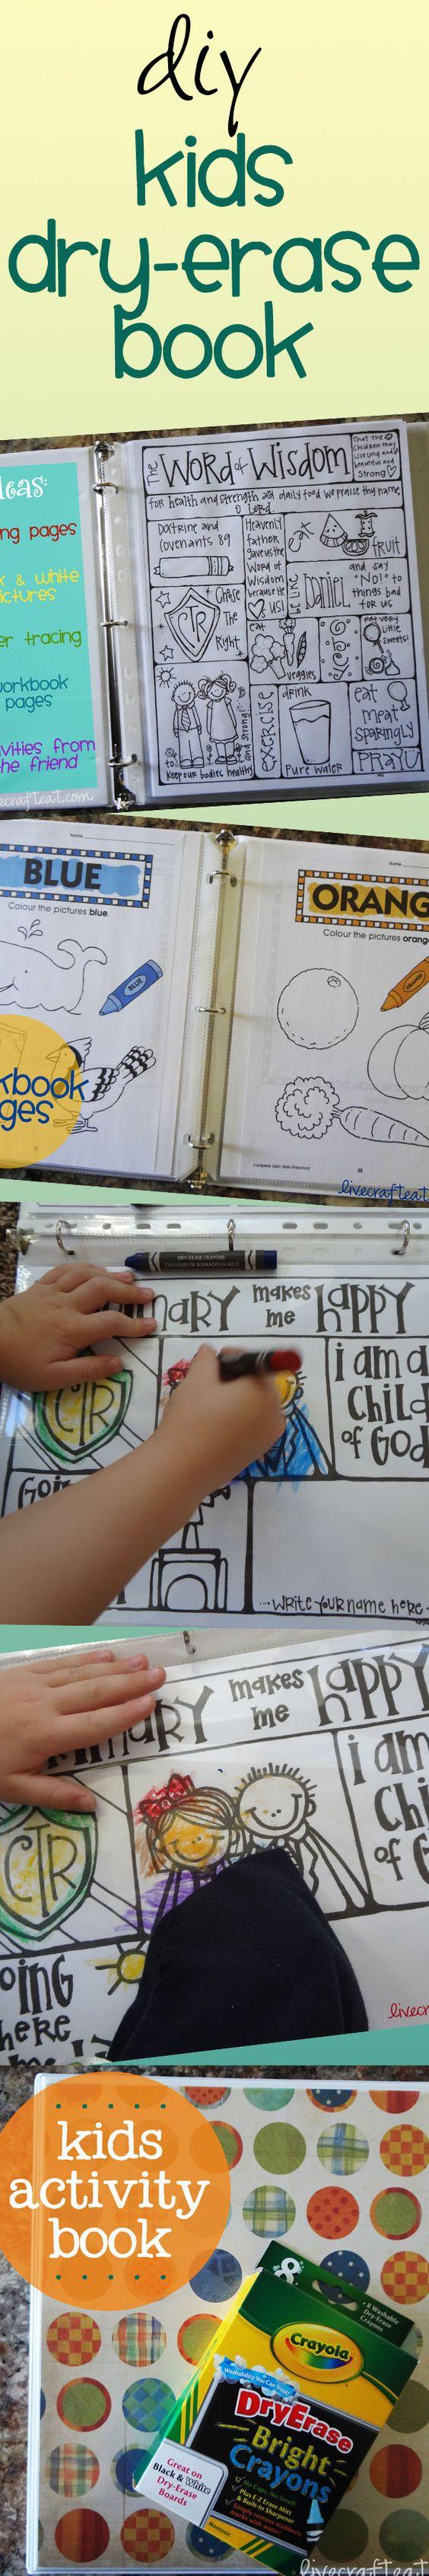 按照这些简单的说明制作您自己的干擦儿童活动手册,让您的孩子在任何场合都可以享受娱乐。